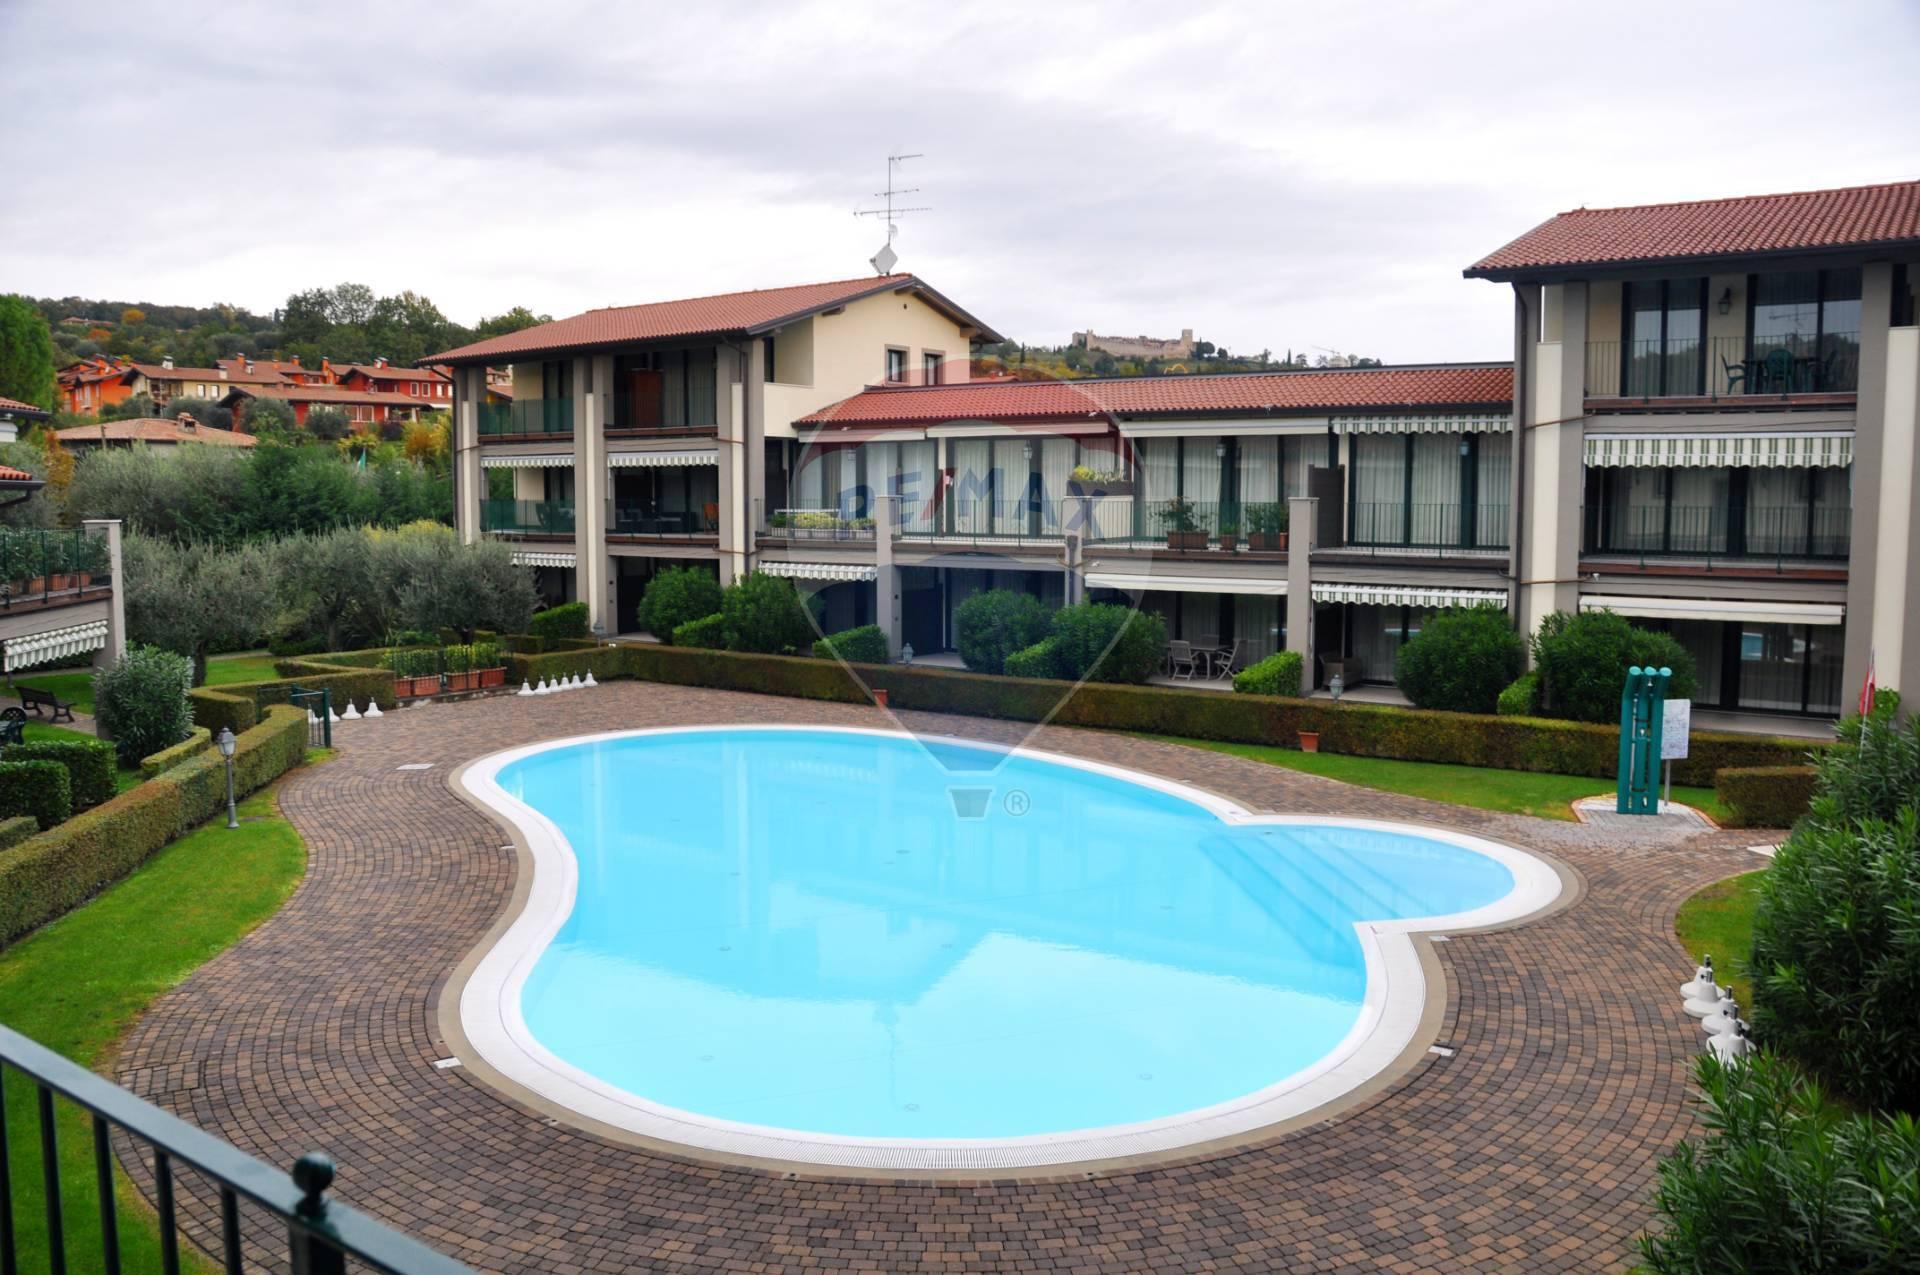 Appartamento in vendita a Padenghe sul Garda, 2 locali, prezzo € 169.000 | PortaleAgenzieImmobiliari.it